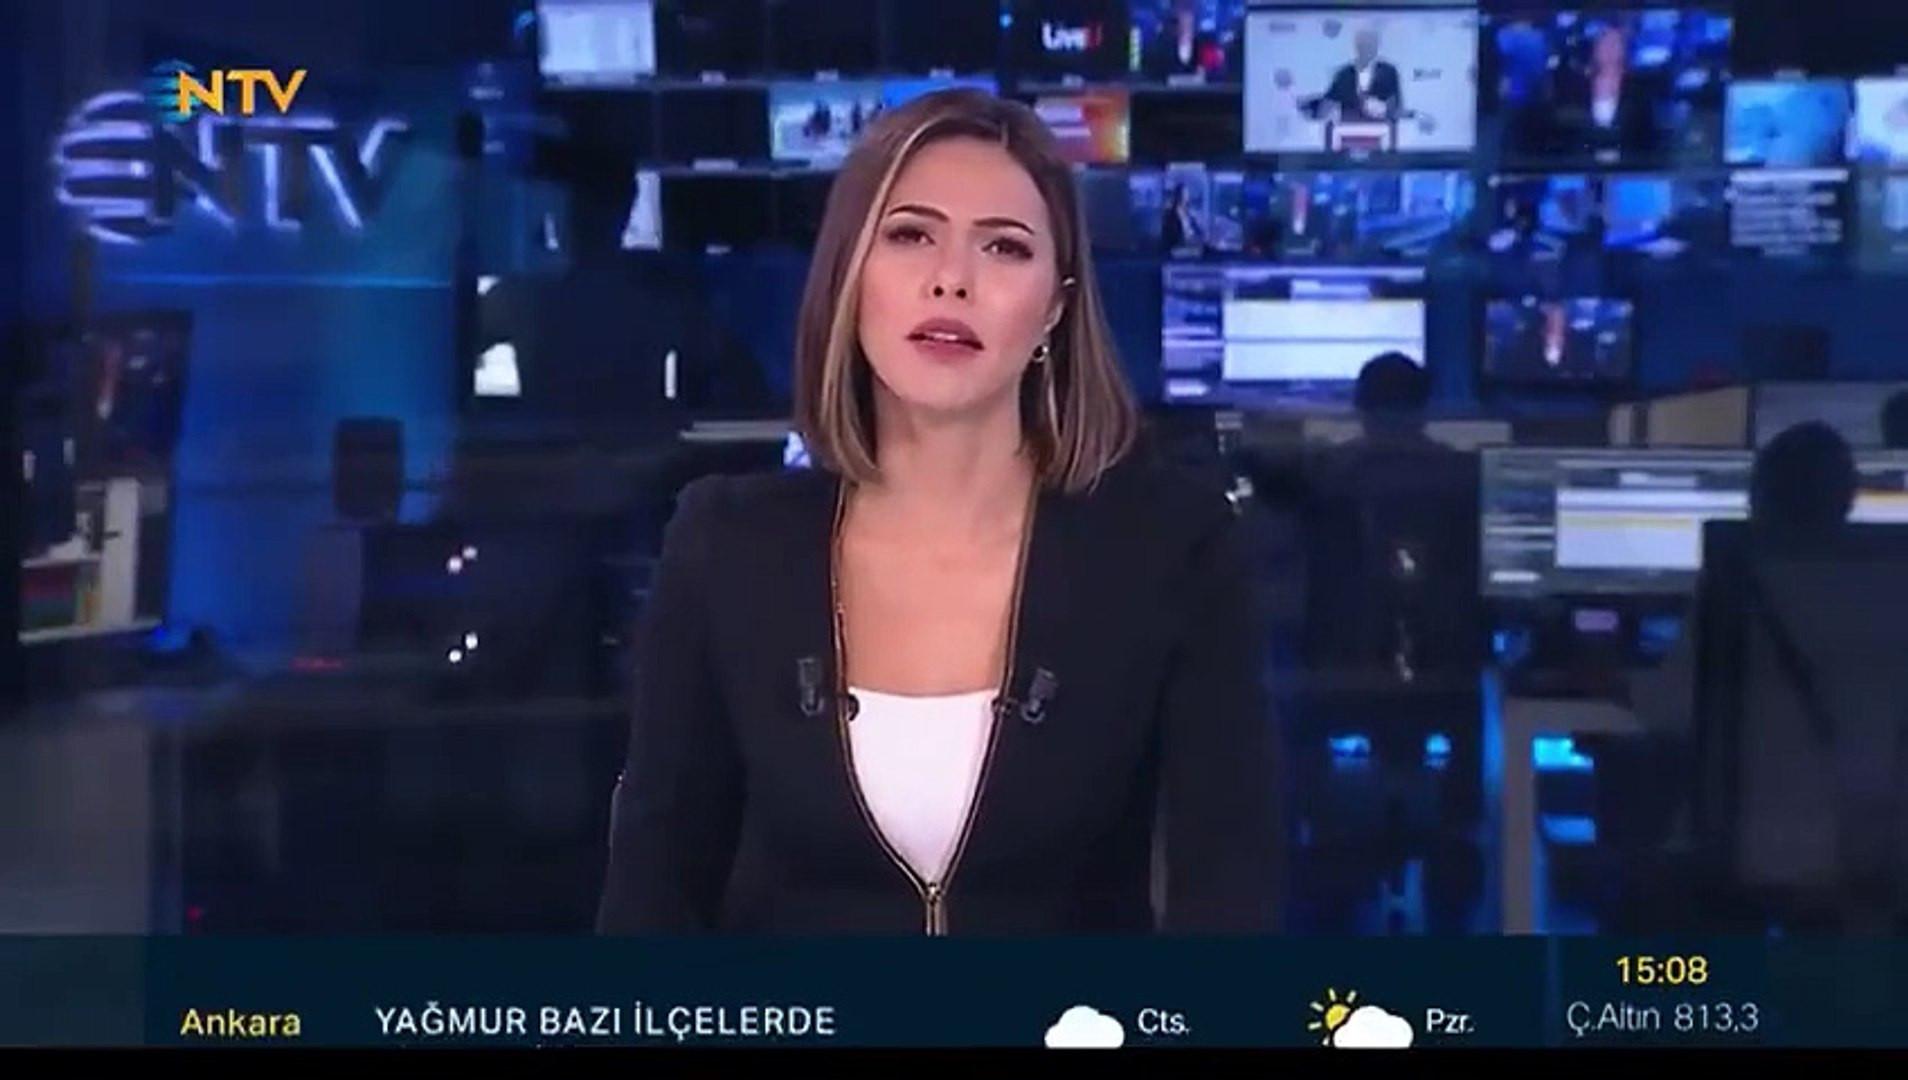 Canlı yayında zor anlar! NTV spikeri depreme canlı yayında yakalandı